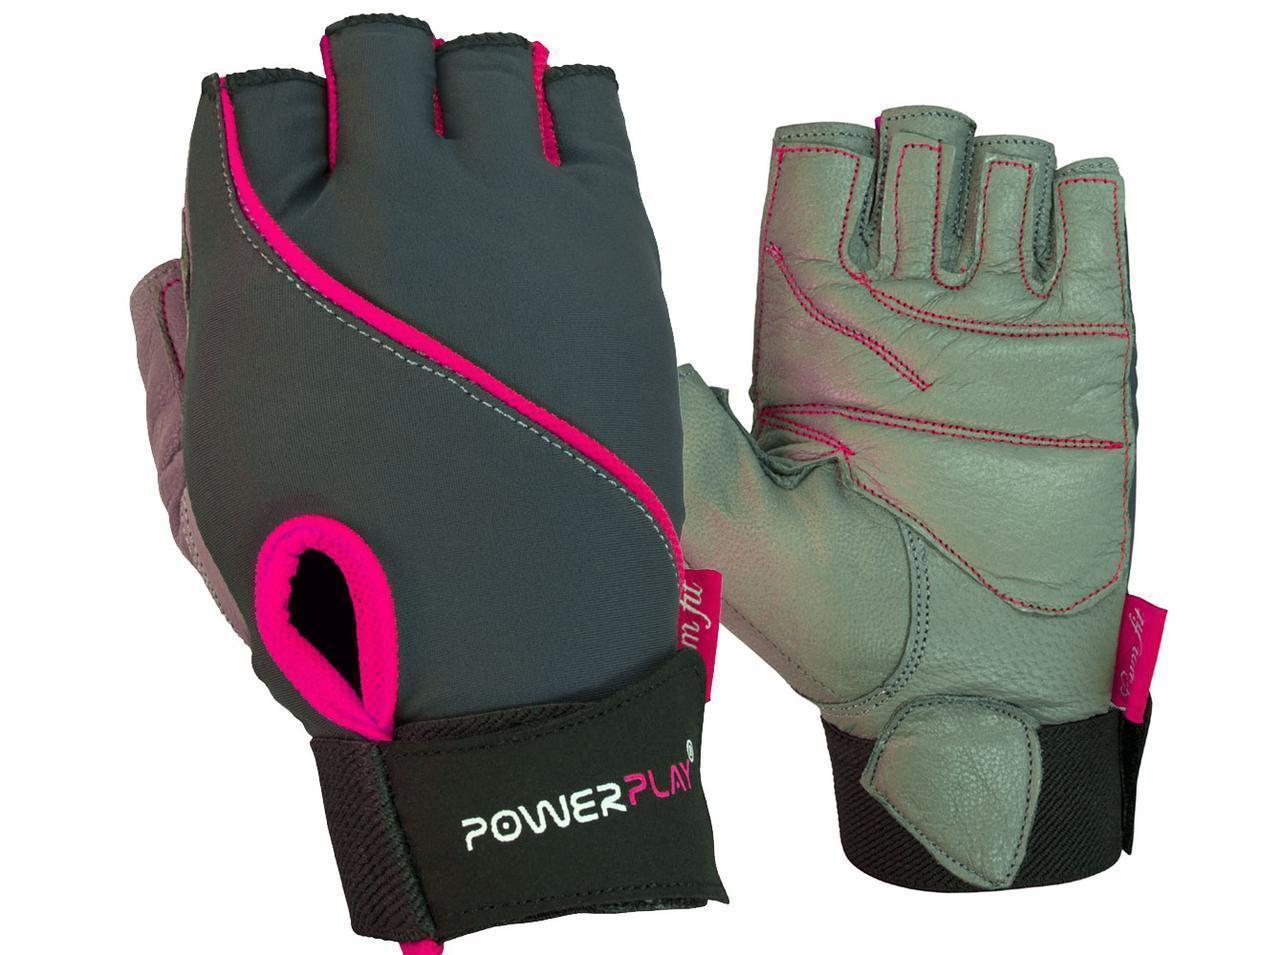 Рукавички для фітнесу PowerPlay 1725 жіночі Сіро-Розові S